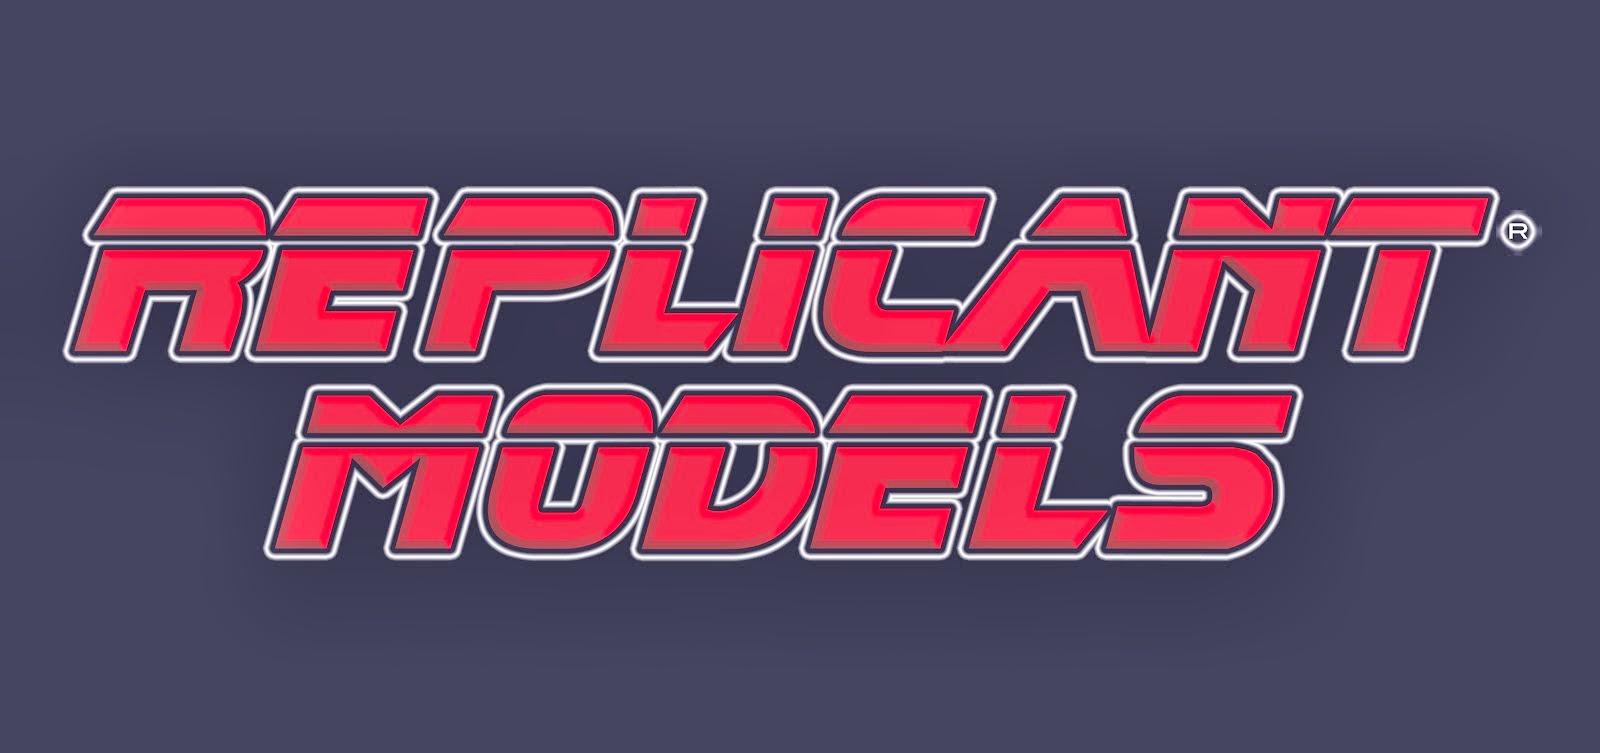 REPLICANT MODELS